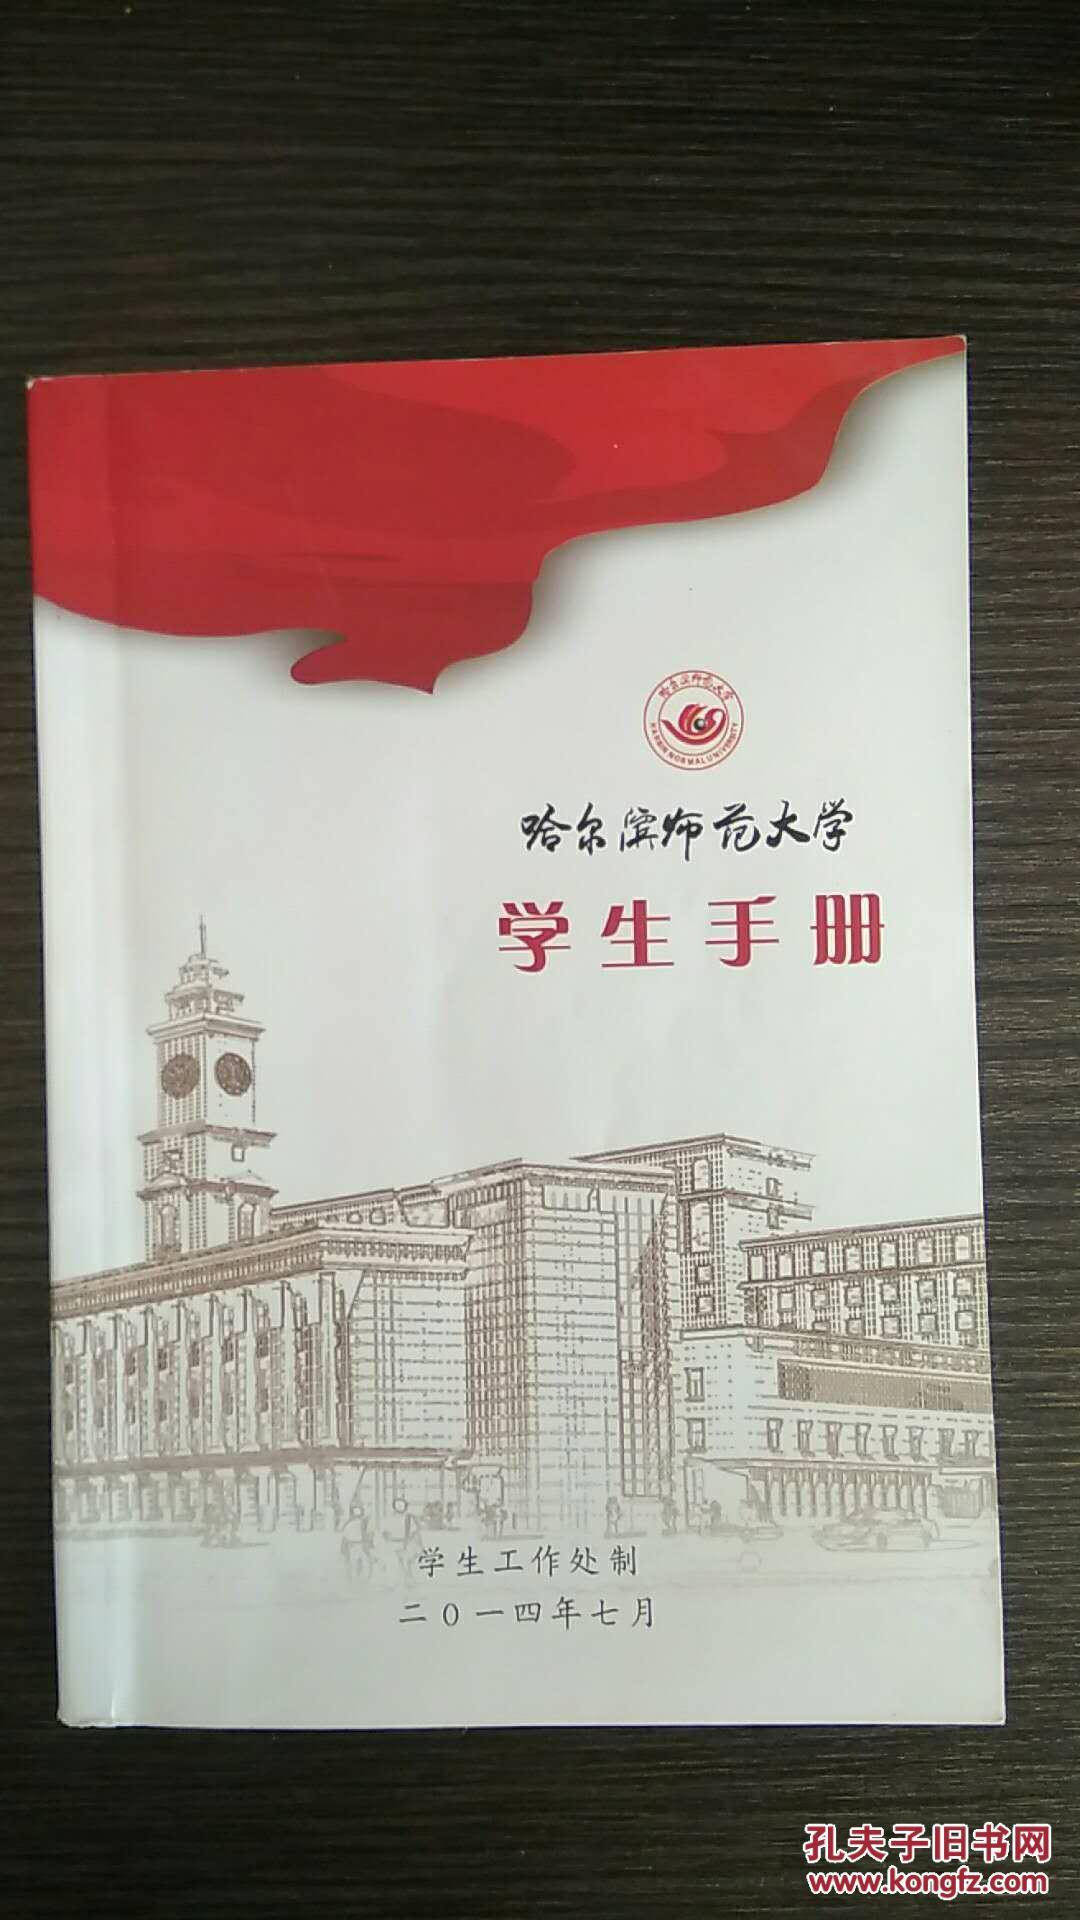 考上哈尔滨师范大学就是国防生吗 升学入学哈尔滨师范大学国防生图片